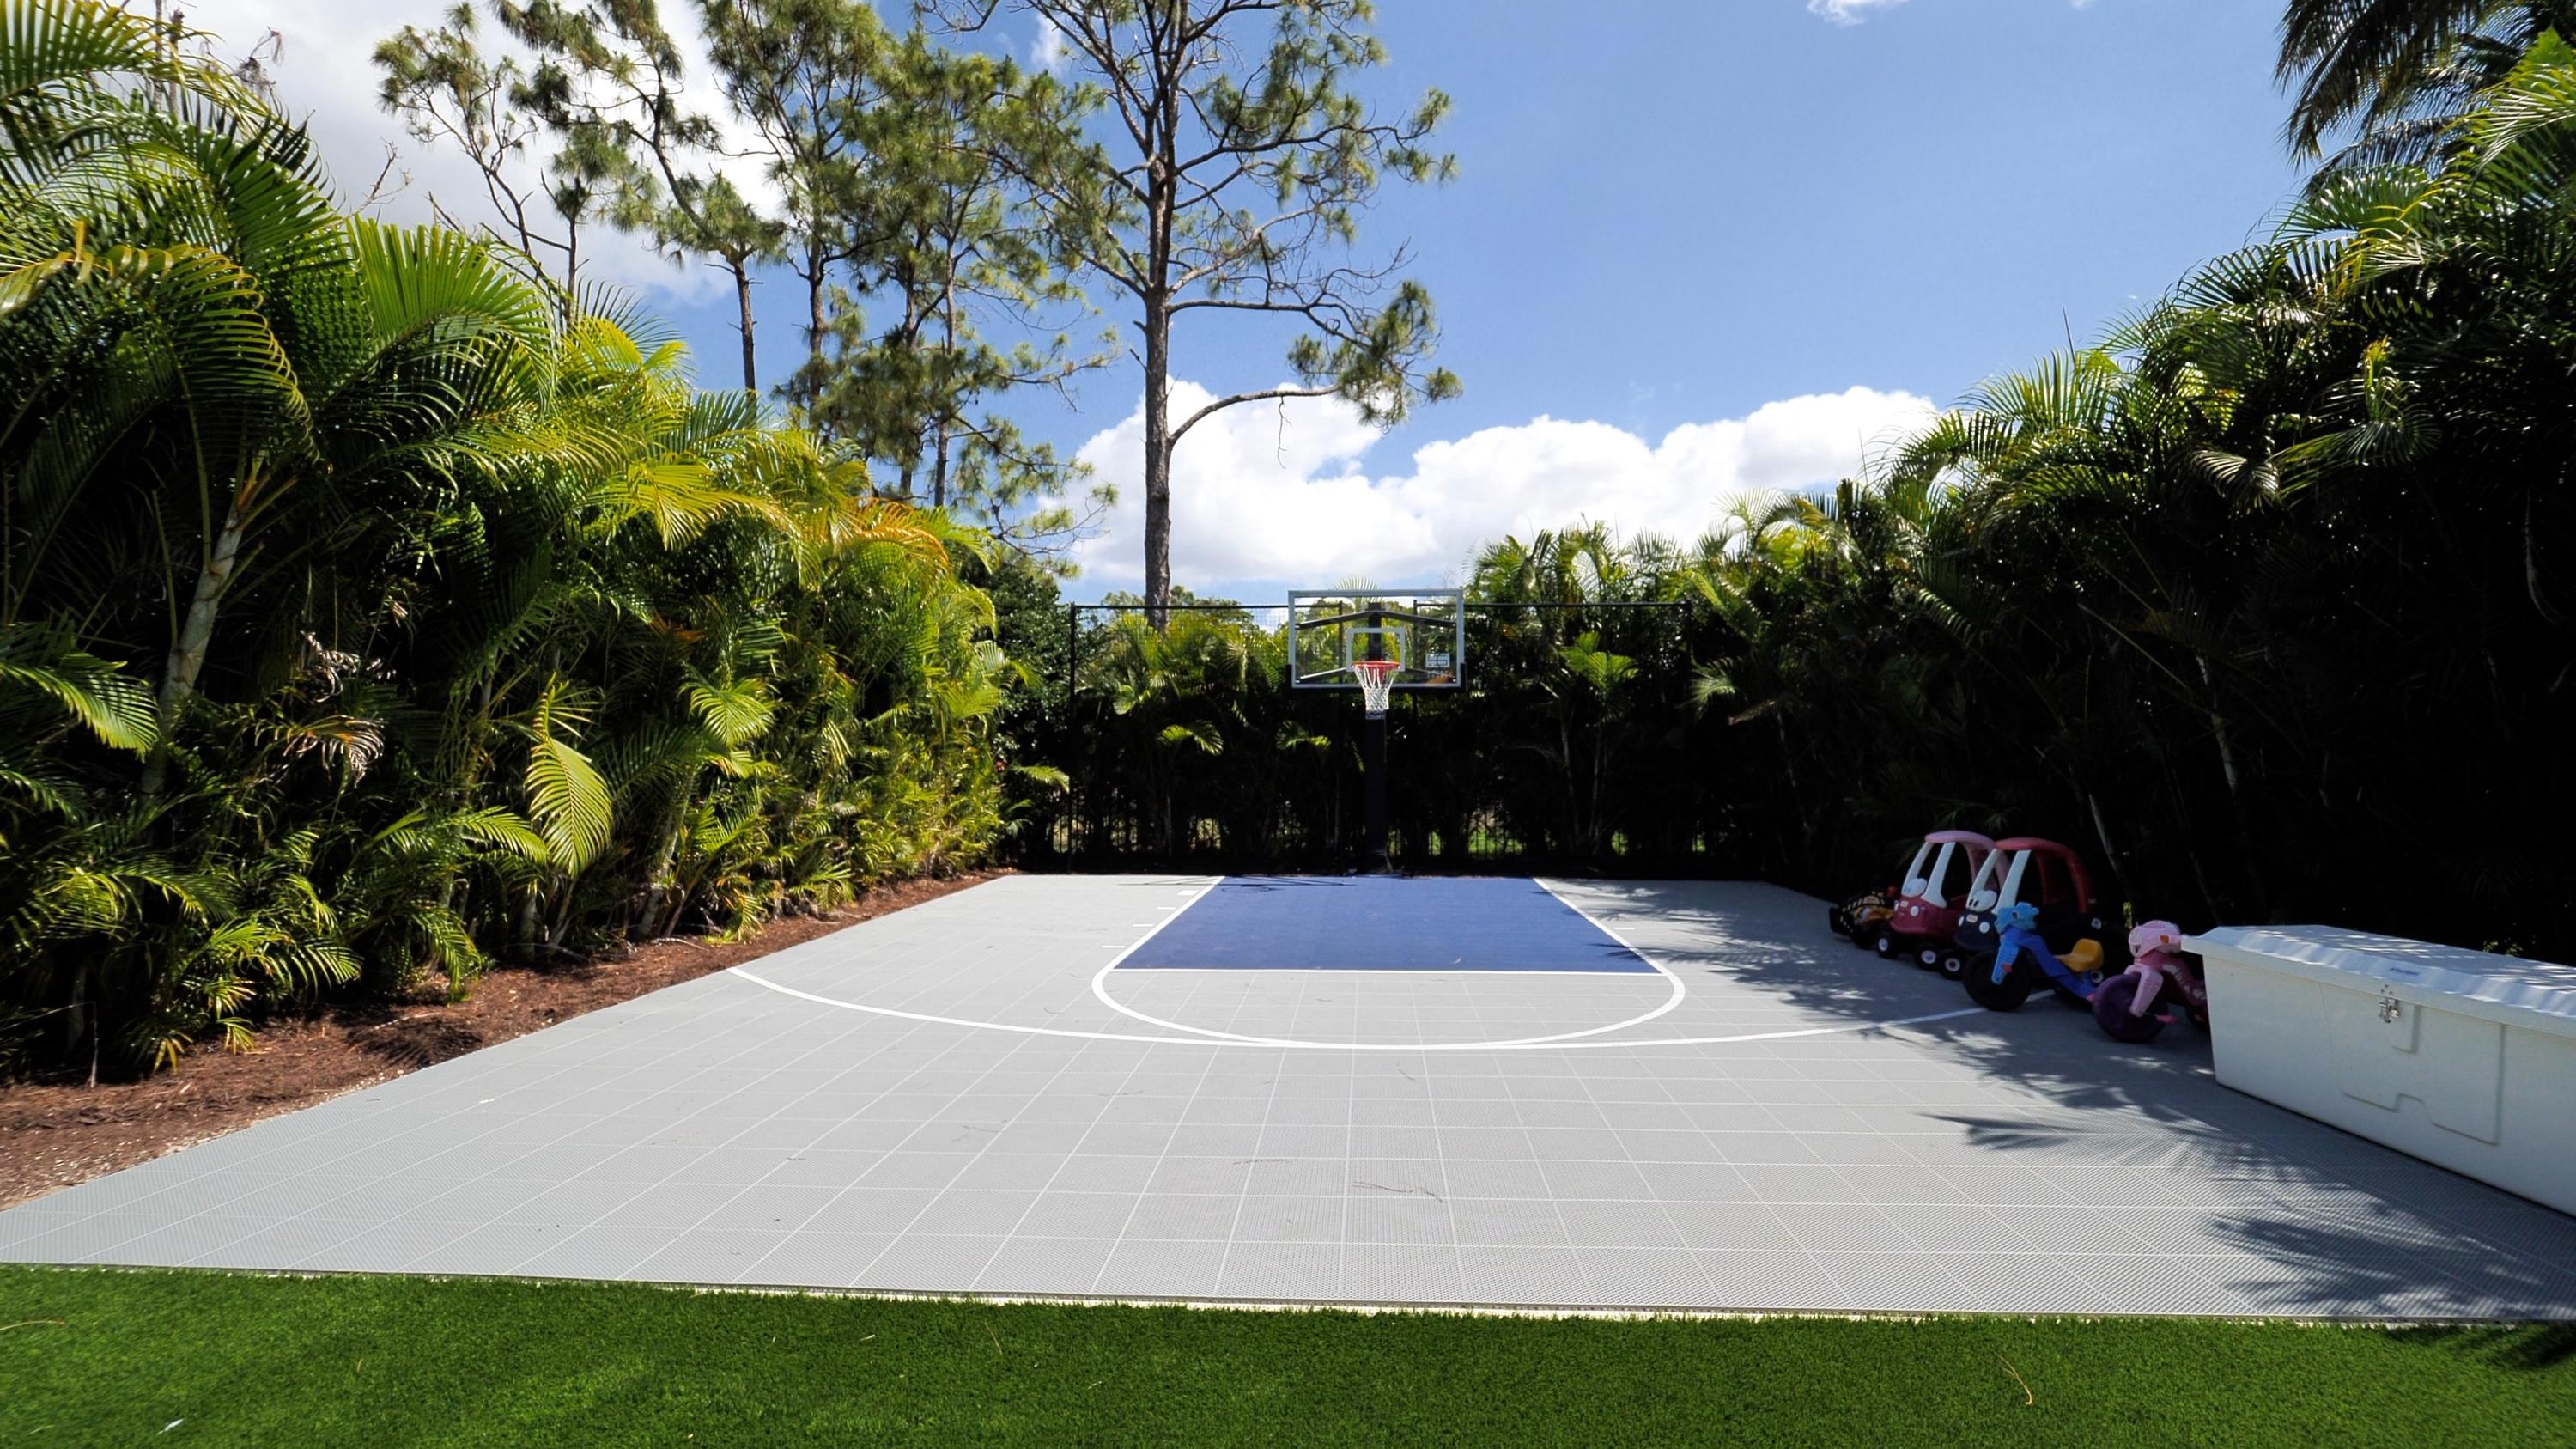 basketballcourt